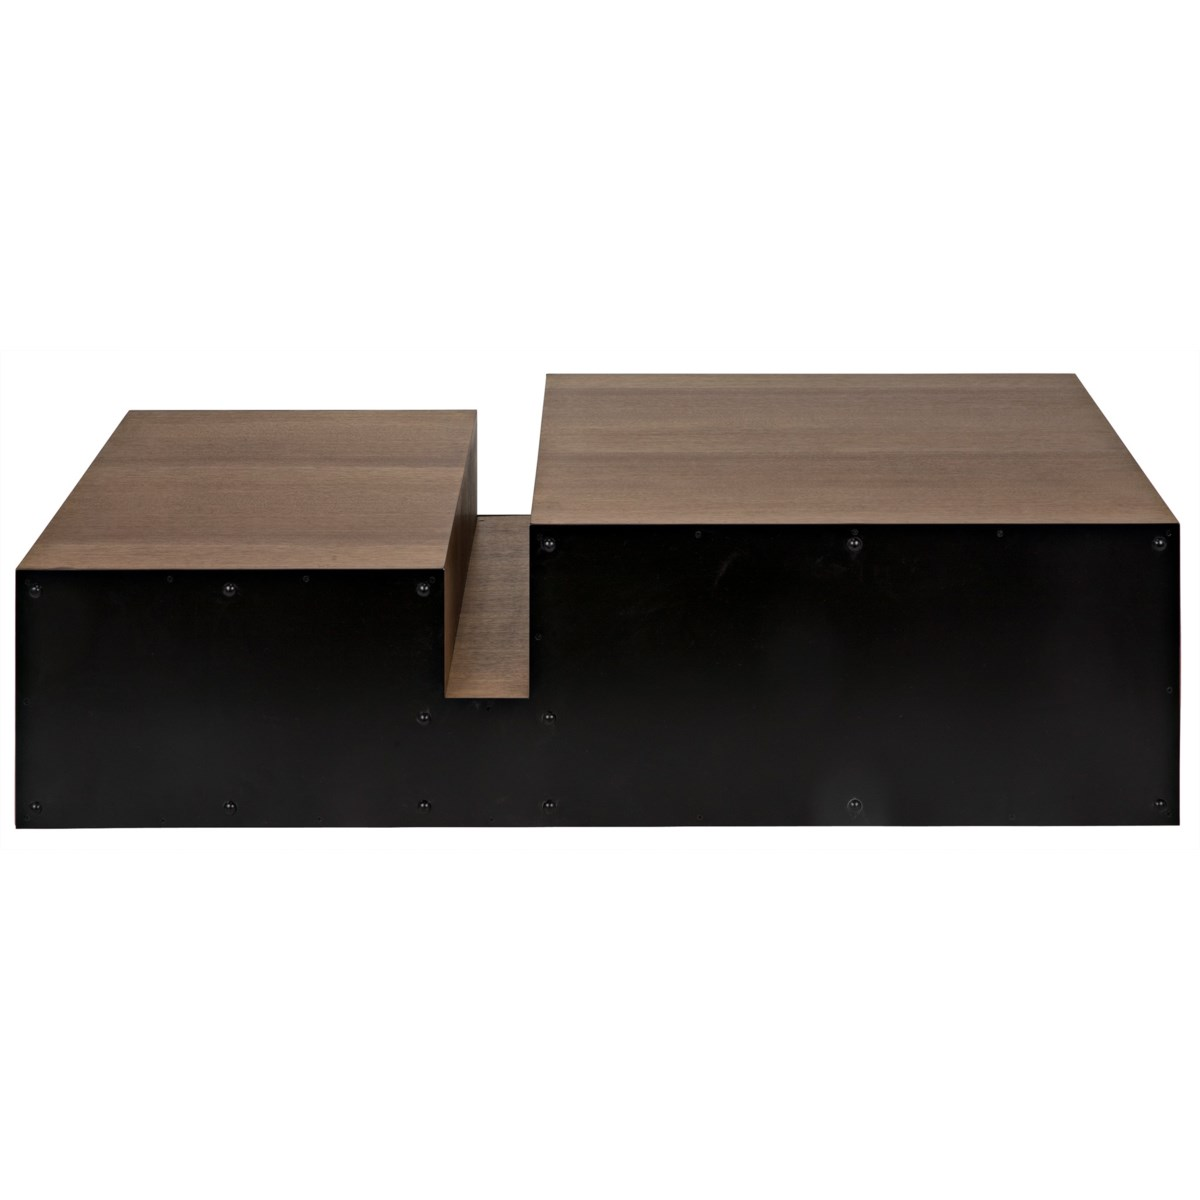 Nido Coffee Table, Black Metal